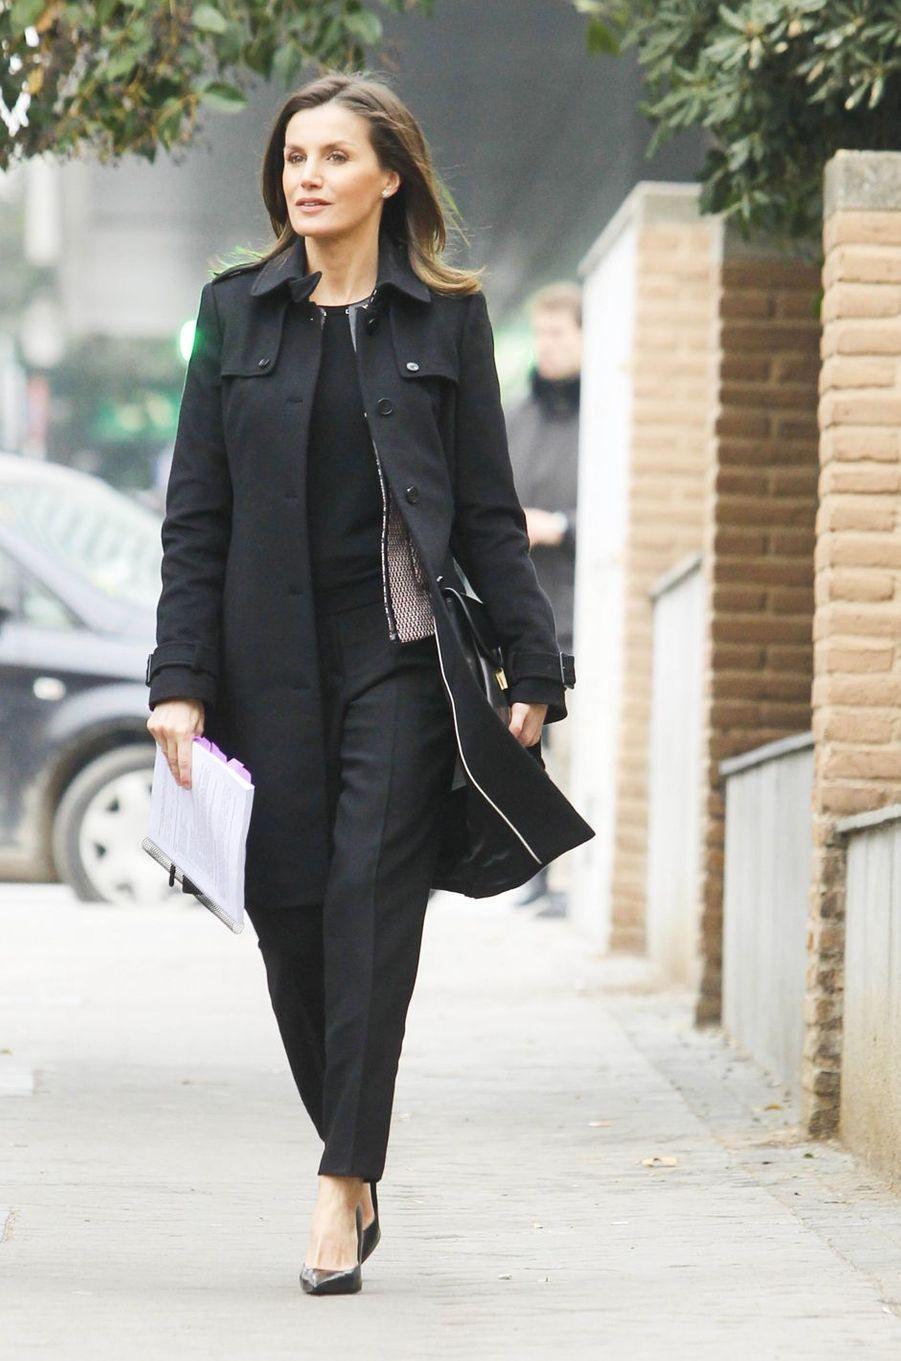 La reine Letizia d'Espagne se rend à une réunion à Madrid, le 17 janvier 2019